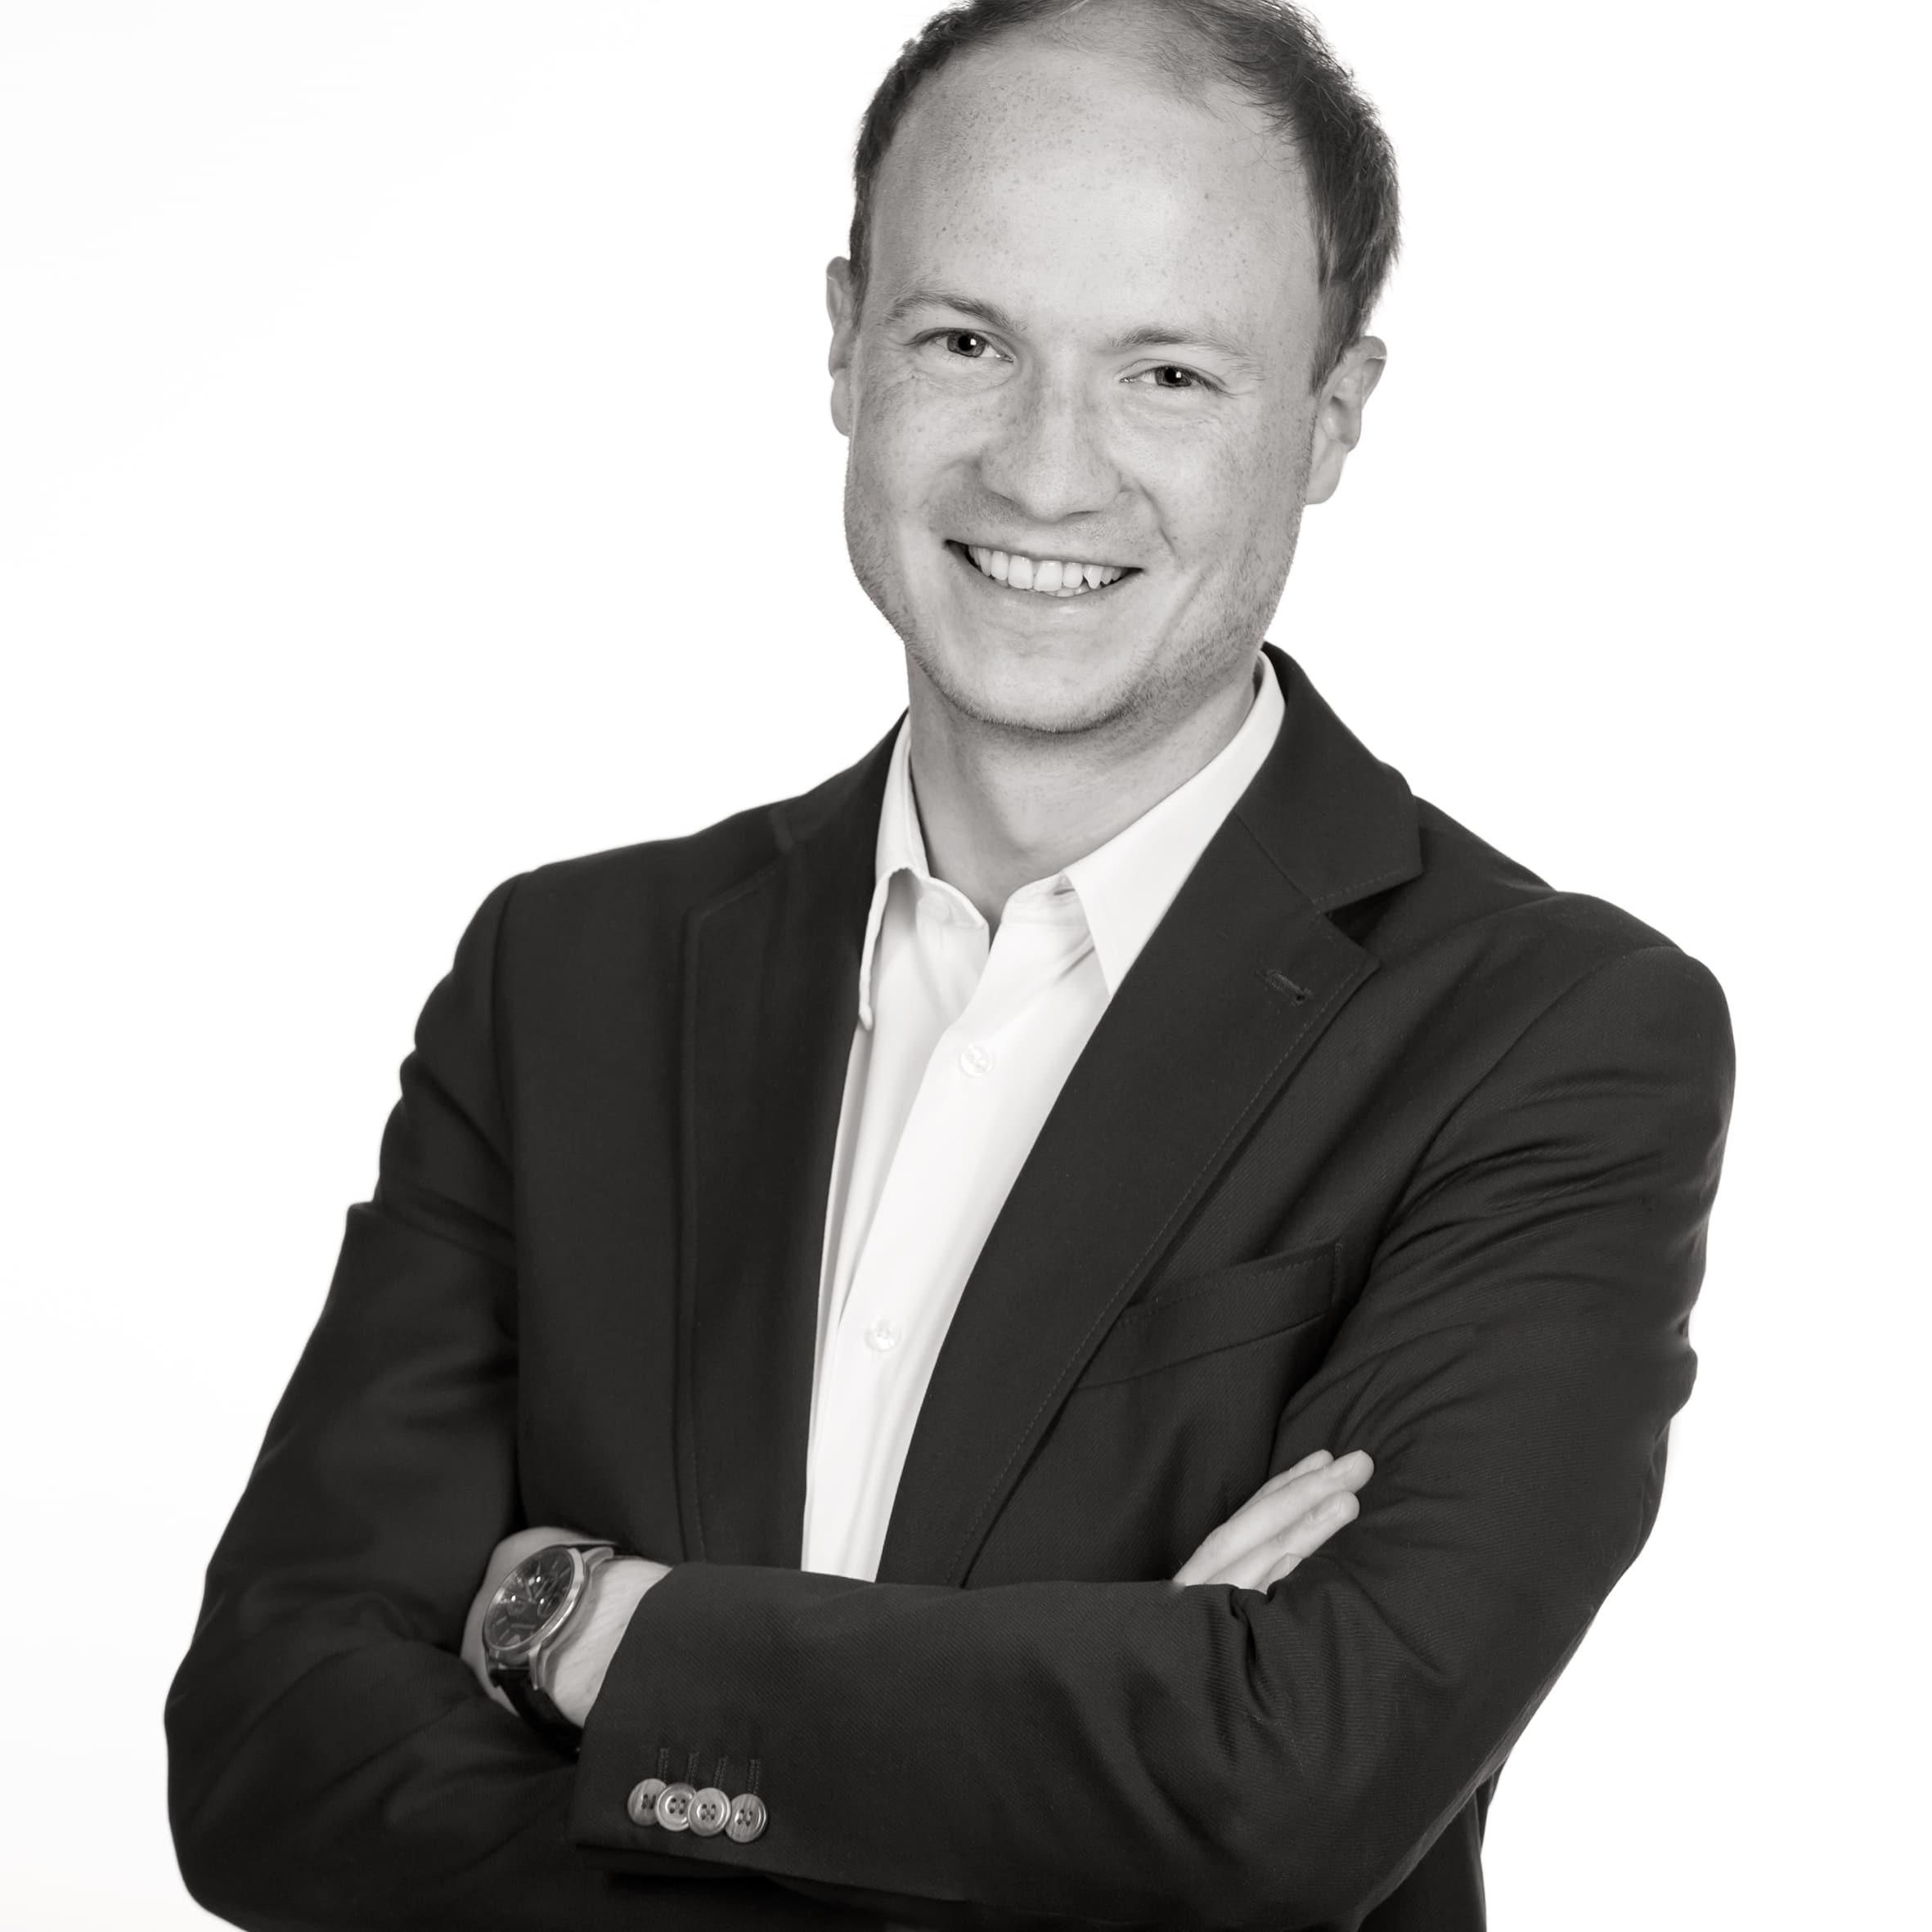 Simon Schön